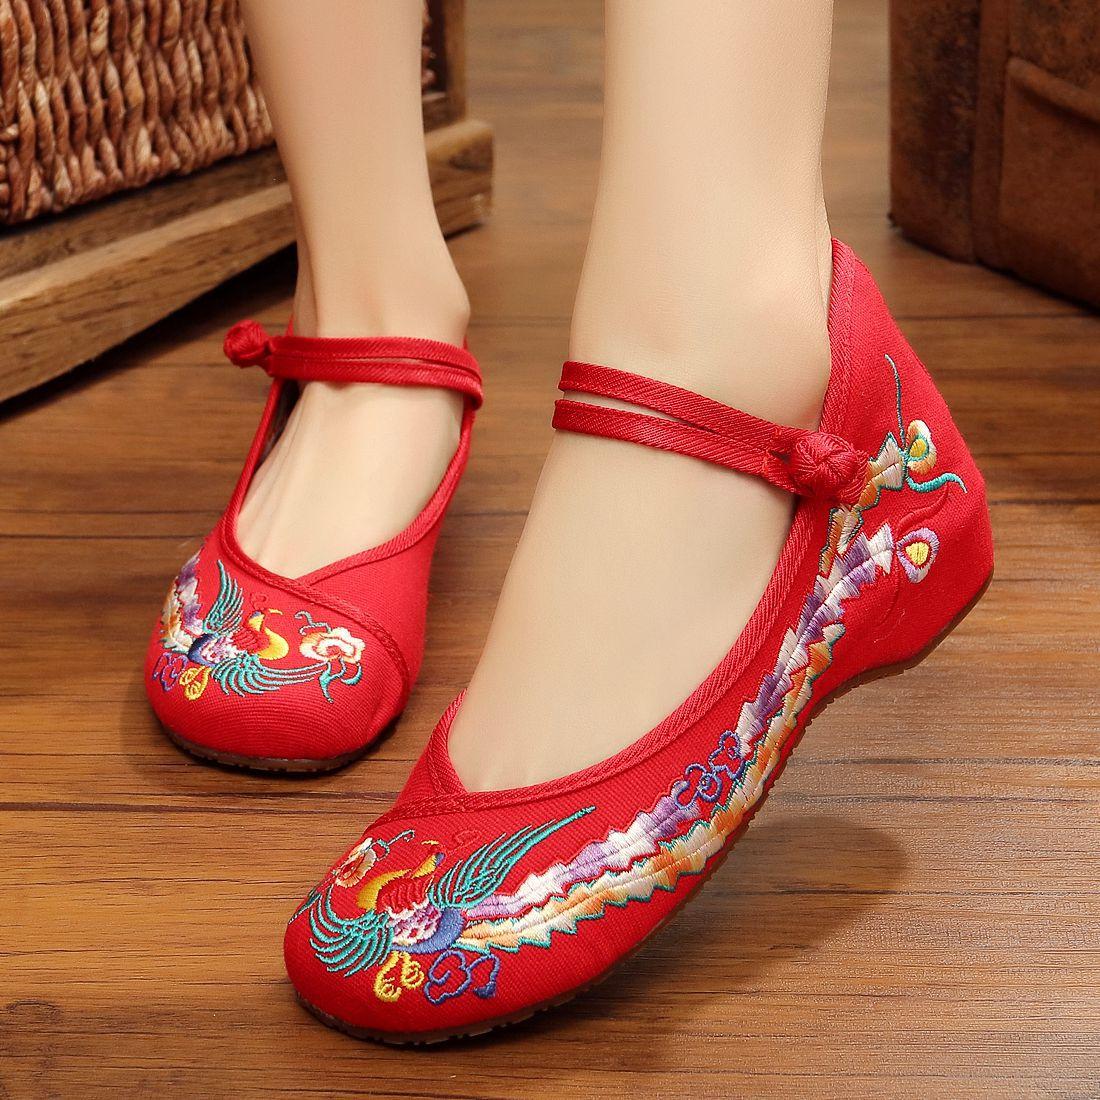 厂家现货老北京布鞋坡跟绣花复古低帮帆布鞋女舞蹈鞋一件代发